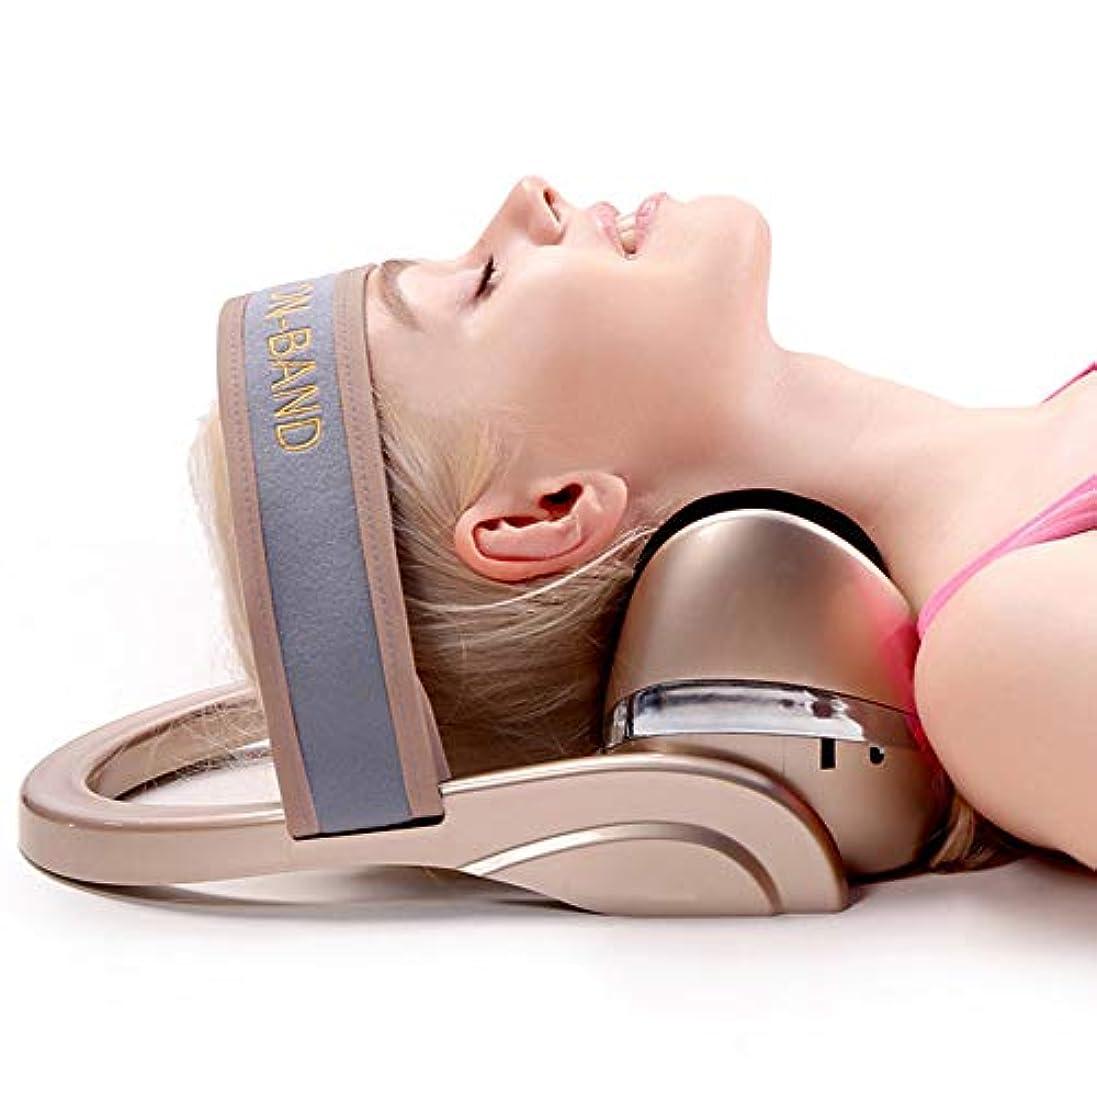 引っ張るのぞき穴マインド整形外科の救助の首およびサポート肩の上部の背骨の緩い苦痛のマッサージの牽引のための電気頚椎のマッサージの弛緩の枕